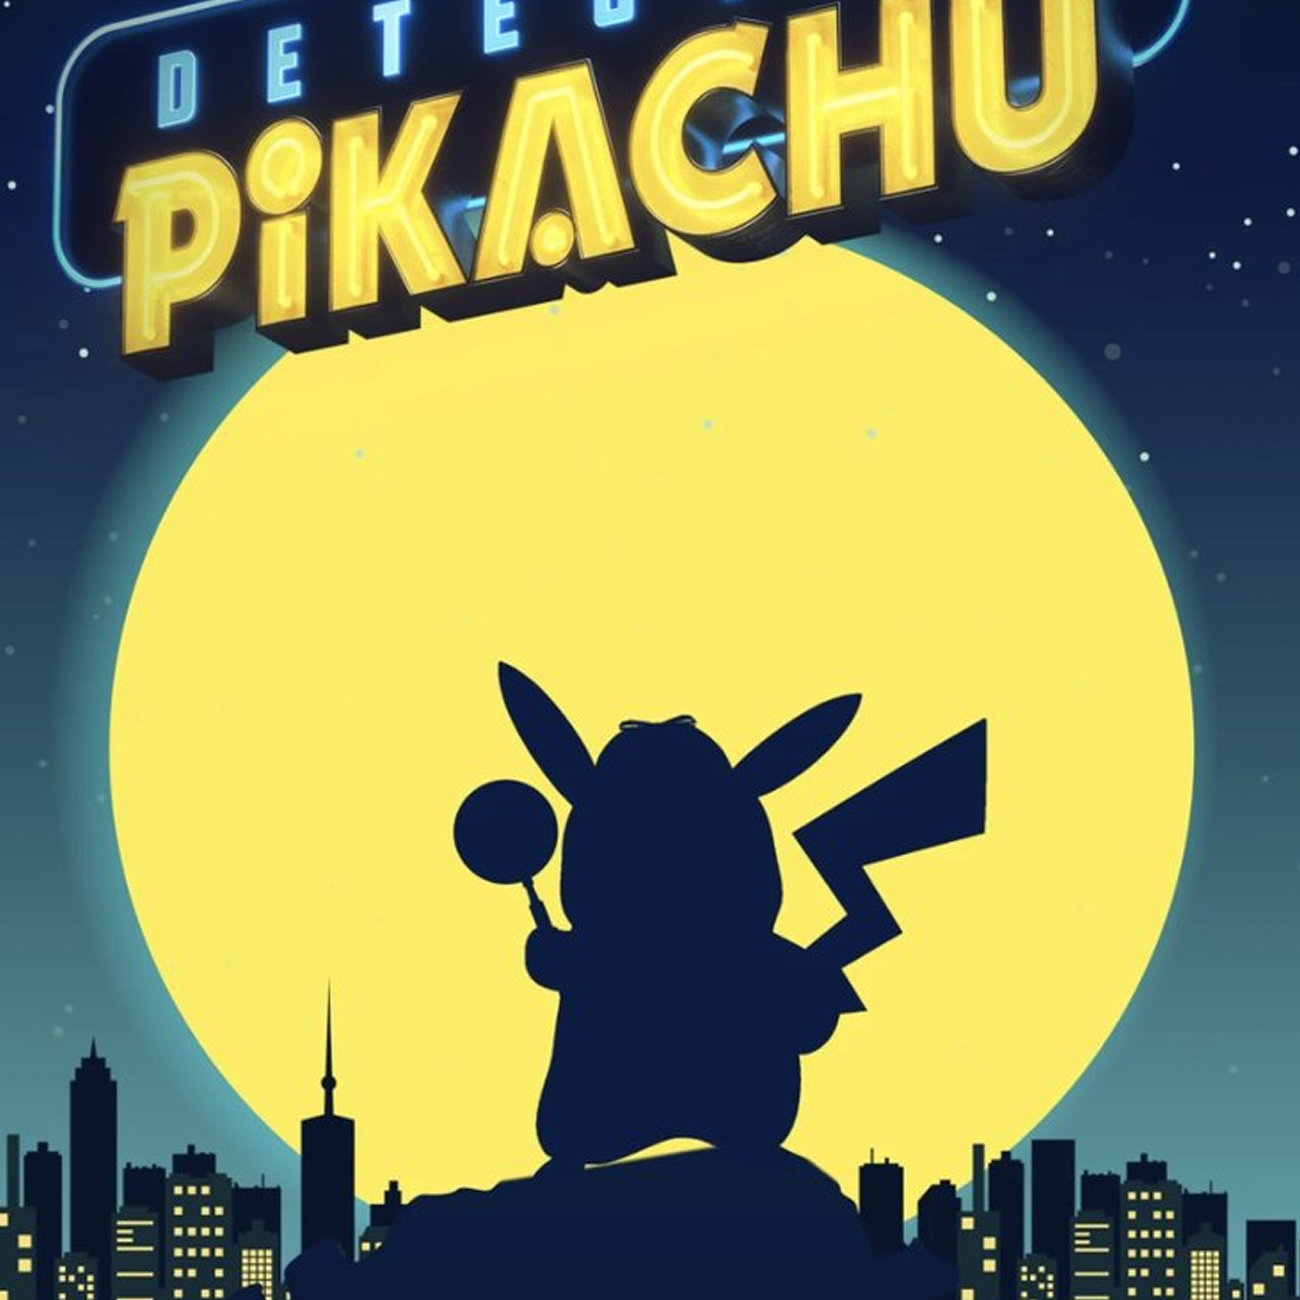 名探偵ピカチュウの映画の続編が製作。ミュウツー話